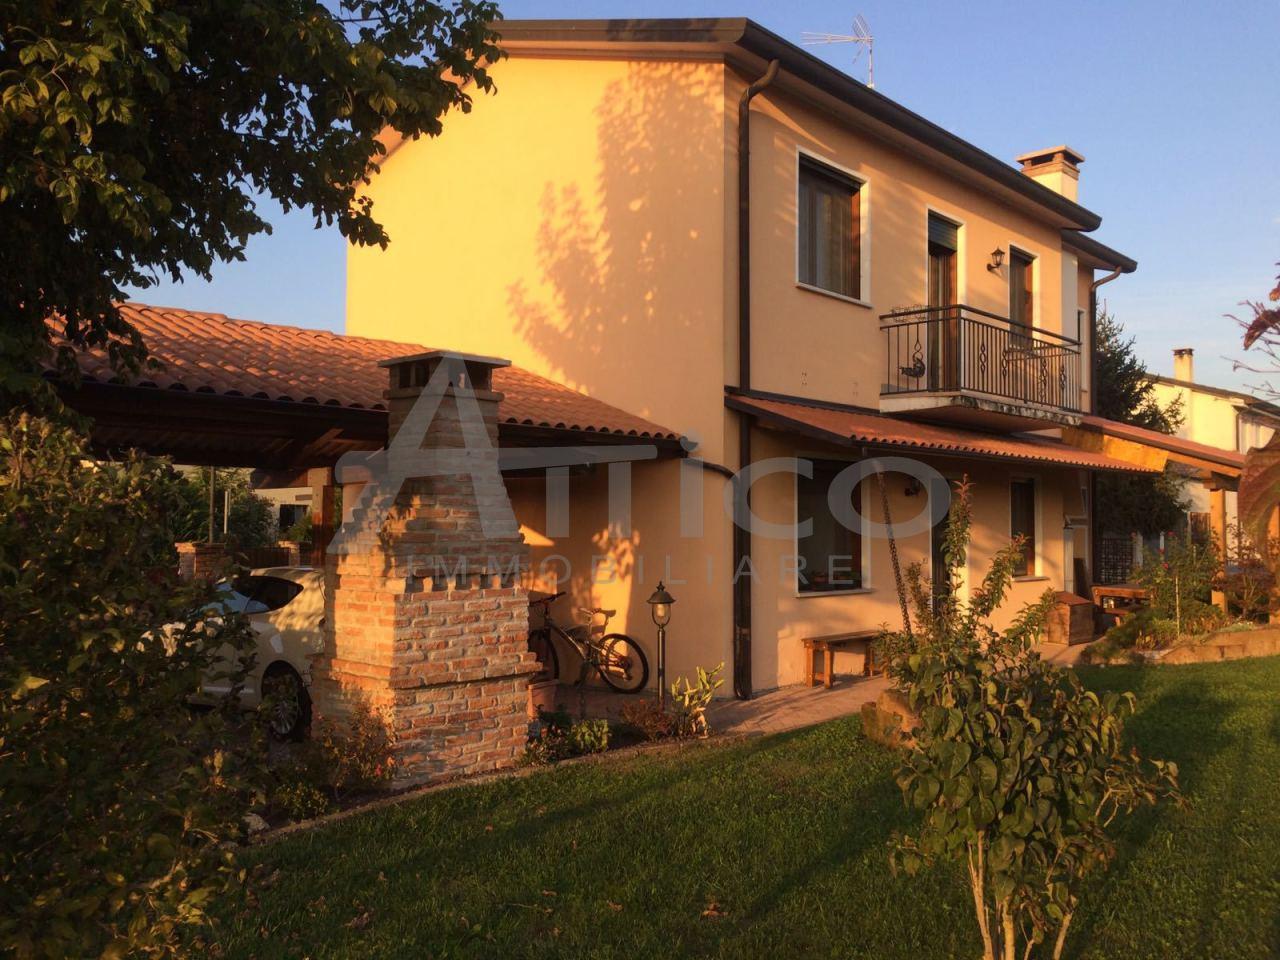 Casa Indipendente in buone condizioni in vendita Rif. 4169485